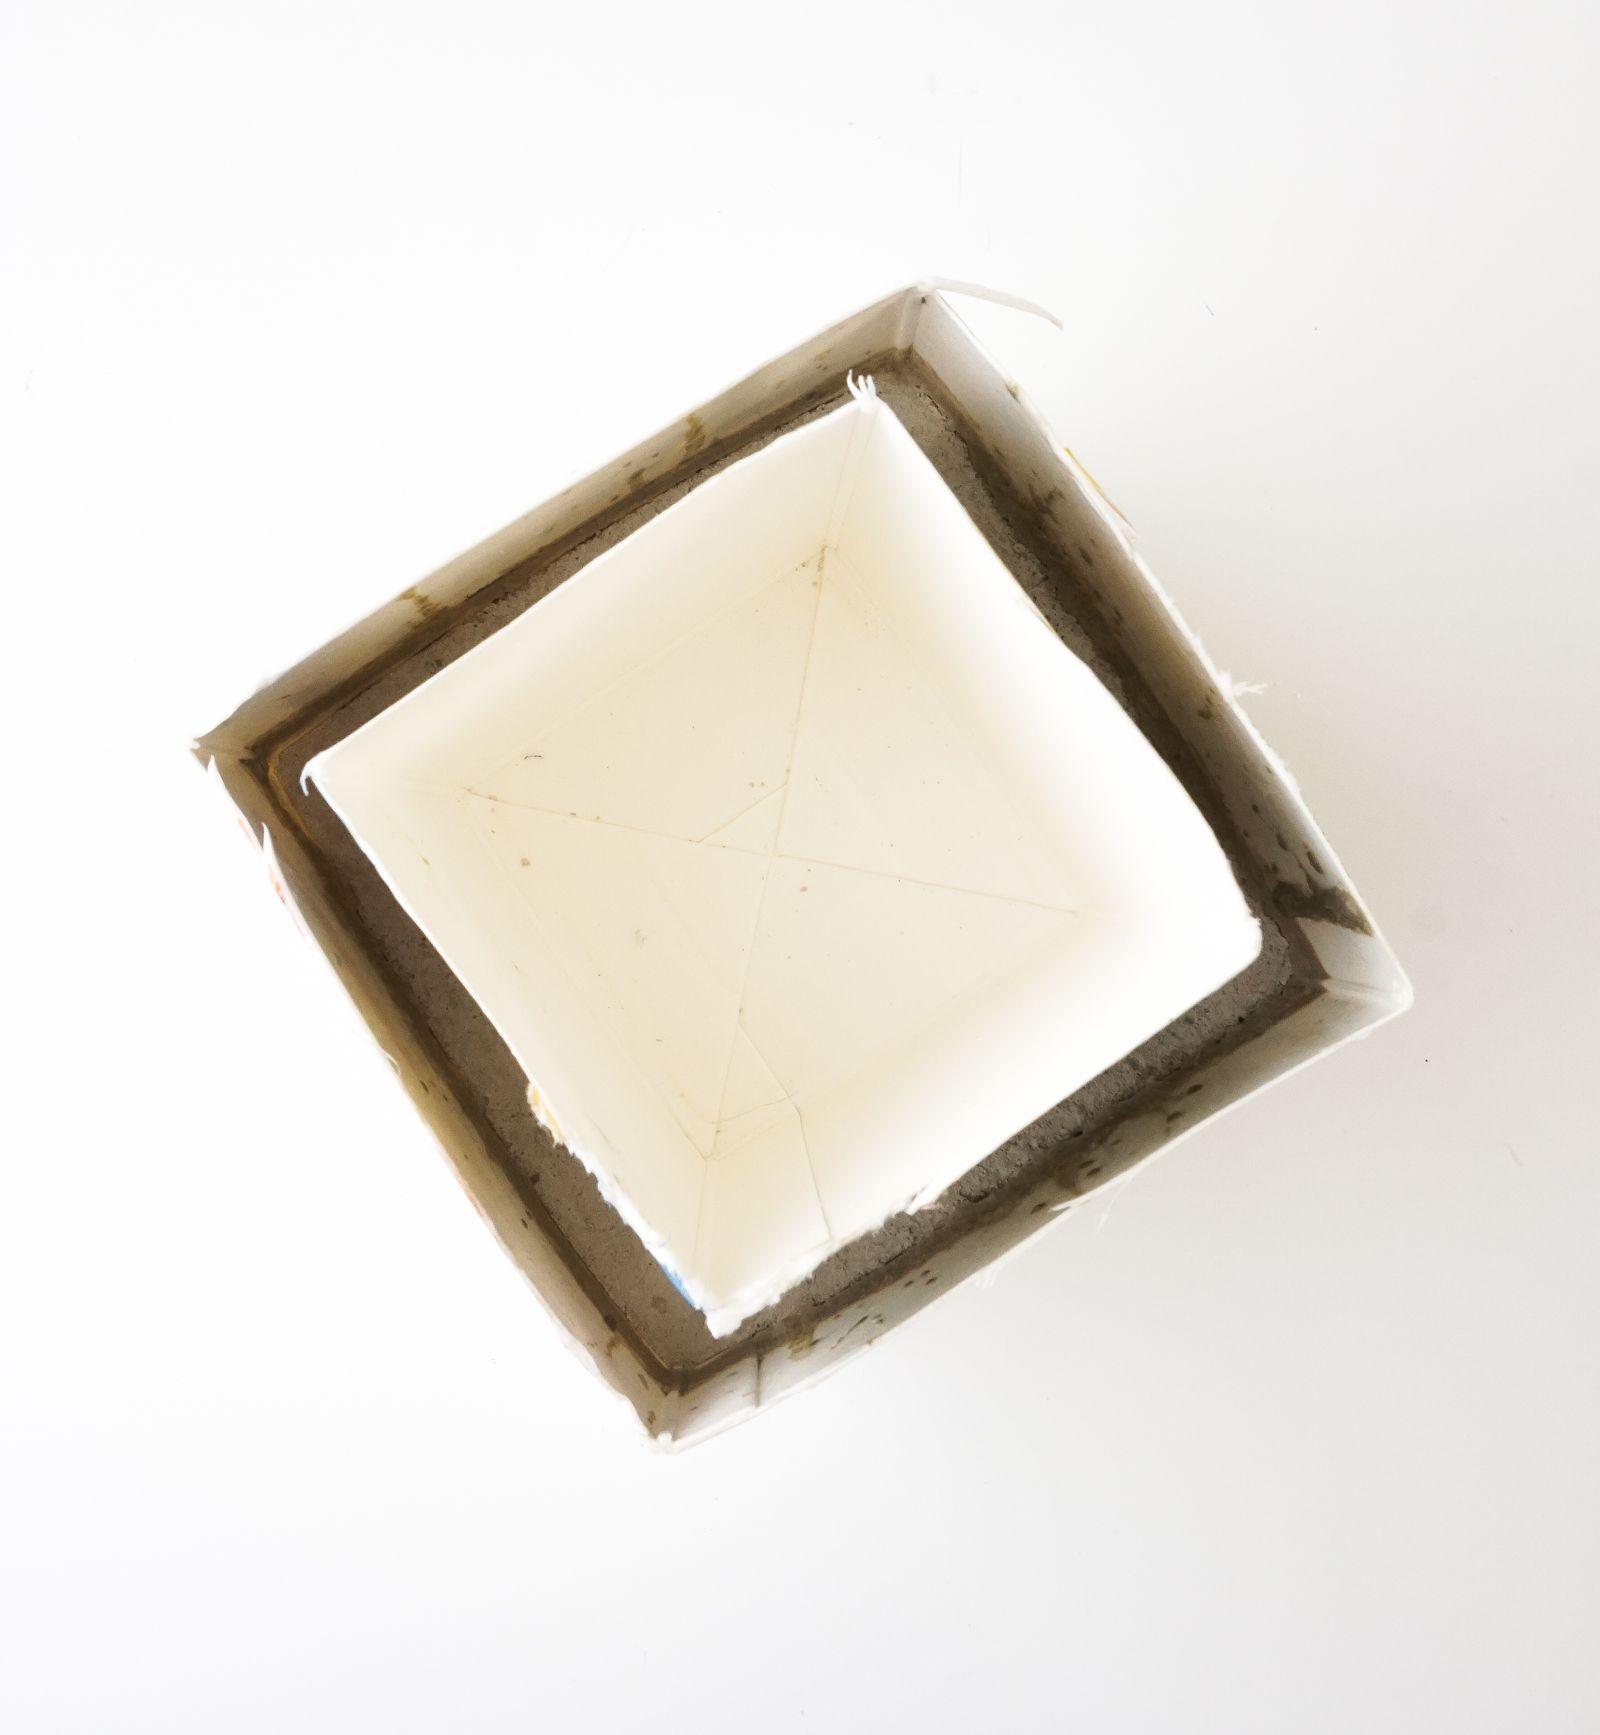 Place a smaller carton in the center